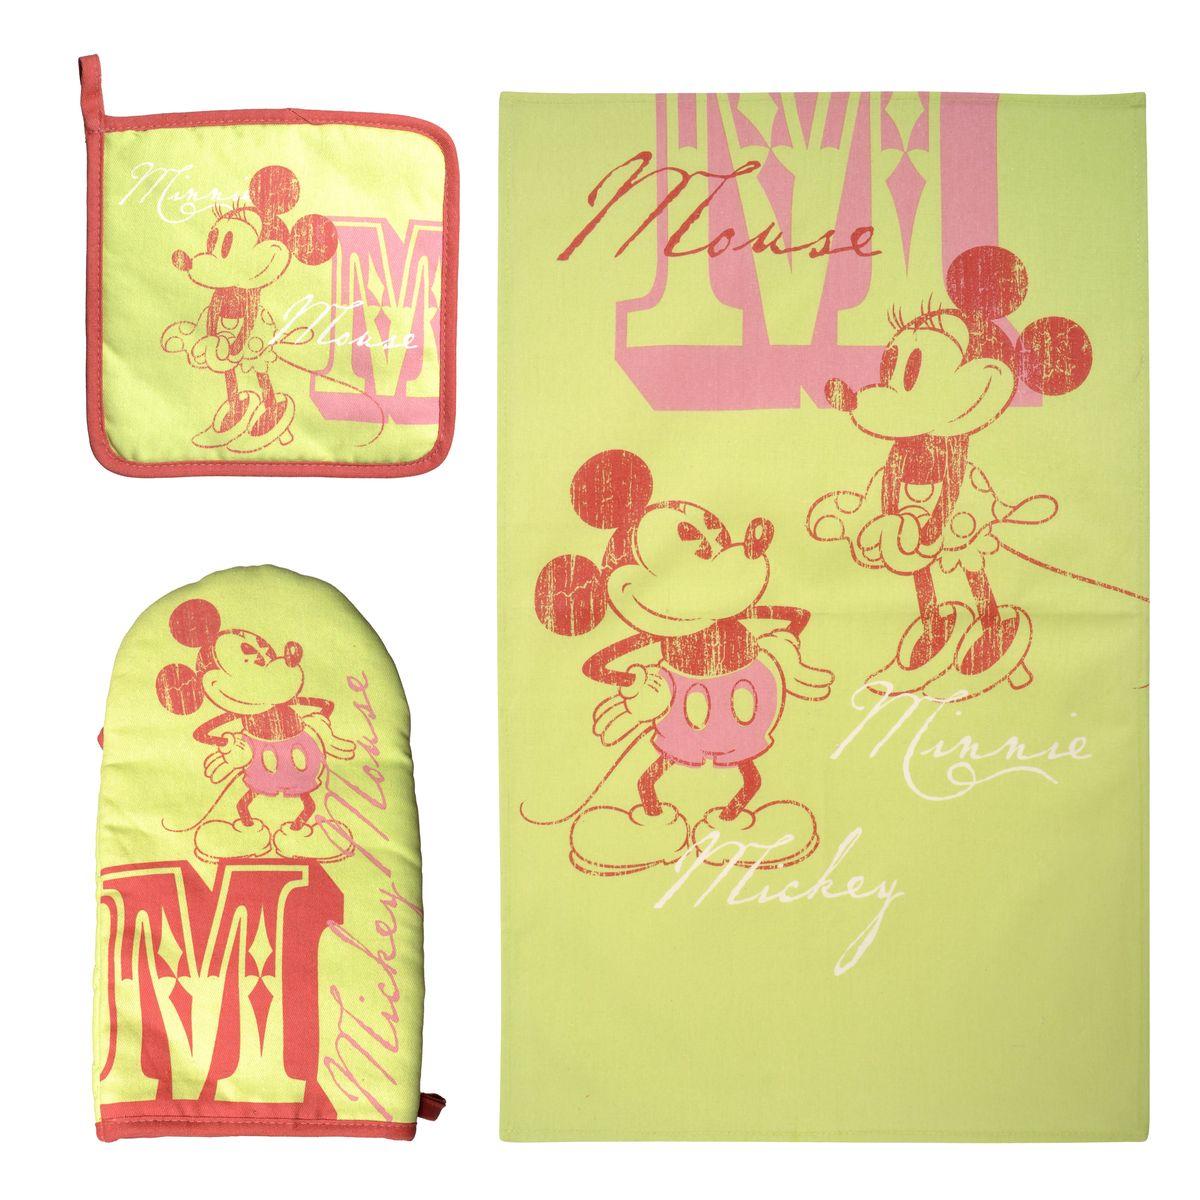 Набор для кухни Disney Mickey&Minnie, 3 предмета. 6509565095Набор для кухни Disney Mickey&Minnie, выполненный из 100% хлопка, состоит из полотенца, прихватки, варежки. Предметы набора оформлены изображением Микки Мауса и Минни Мауса. Прихватку и рукавицу можно подвешивать благодаря имеющимся на них петелькам. Такой набор - отличный вариант для практичной и современной молодой хозяйки. Размер полотенца: 37 см х 62 см. Размер прихватки: 18 см х 18 см. Размер варежки: 15 см х 28 см.